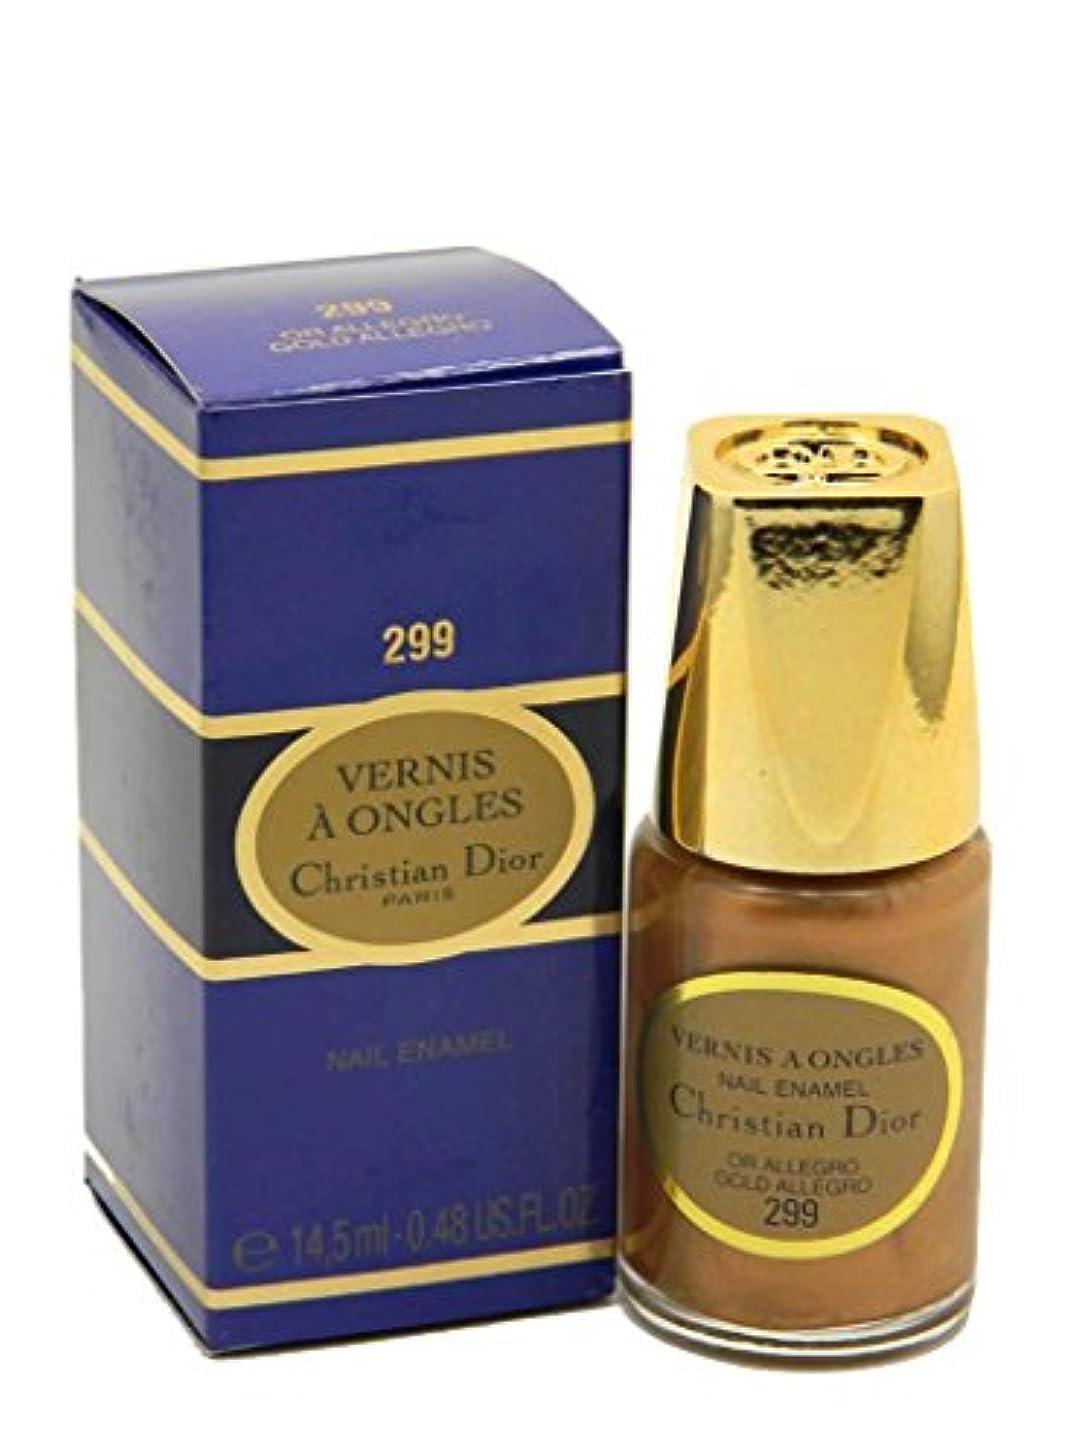 眉をひそめるキャロライン従事したDior Vernis A Ongles Nail Enamel Polish 299 Gold Allegro(ディオール ヴェルニ ア オングル ネイルエナメル ポリッシュ 299 ゴールドアレグロ) [並行輸入品]